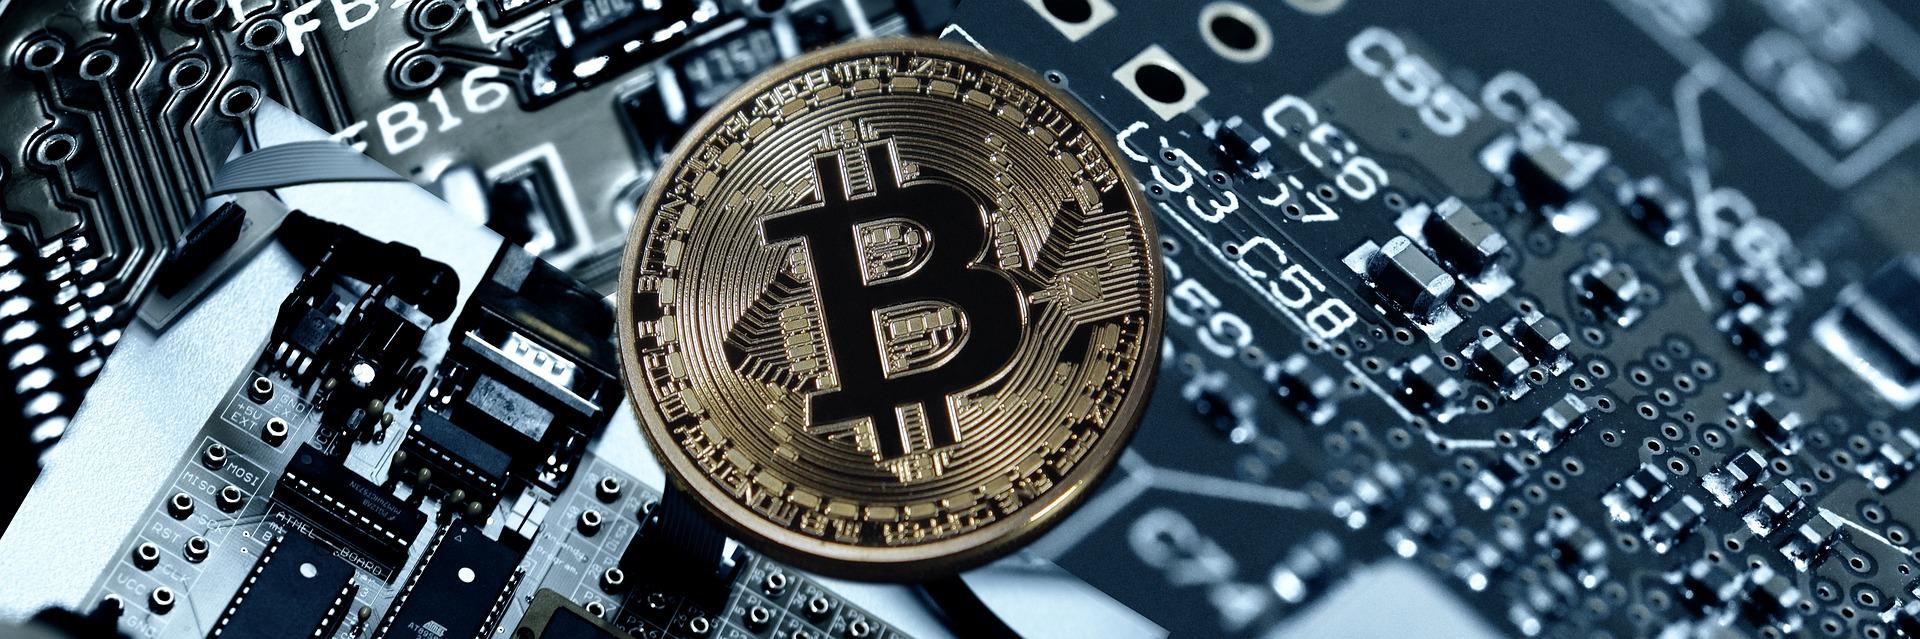 Handelsplattformen für Kryptowährungen